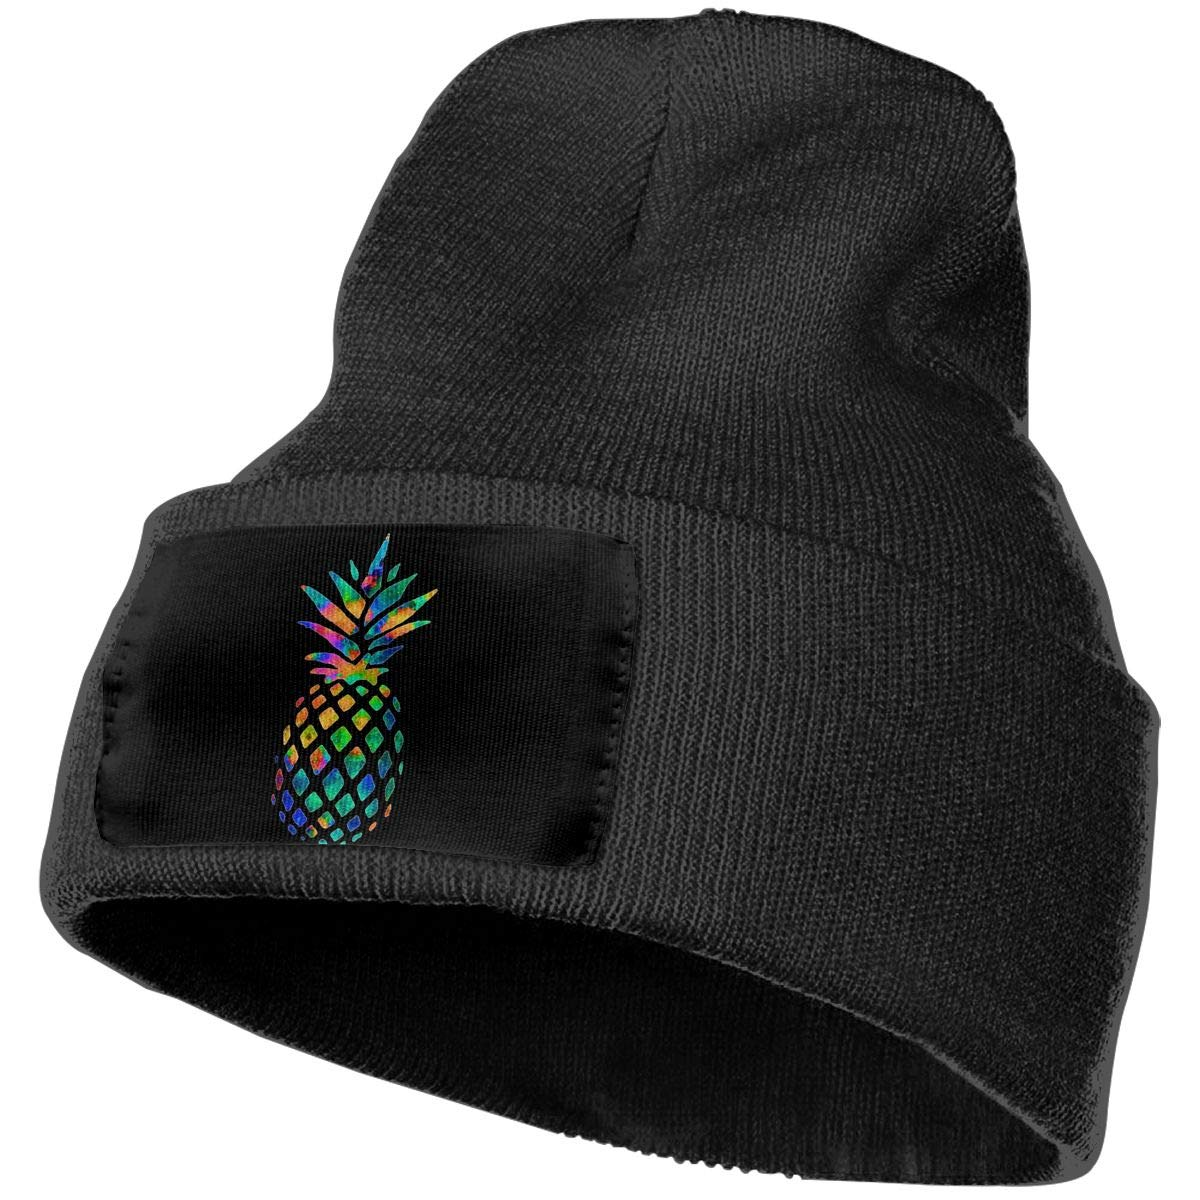 Watercolor Pineapple Men/&Women Warm Winter Knit Plain Beanie Hat Skull Cap Acrylic Knit Cuff Hat